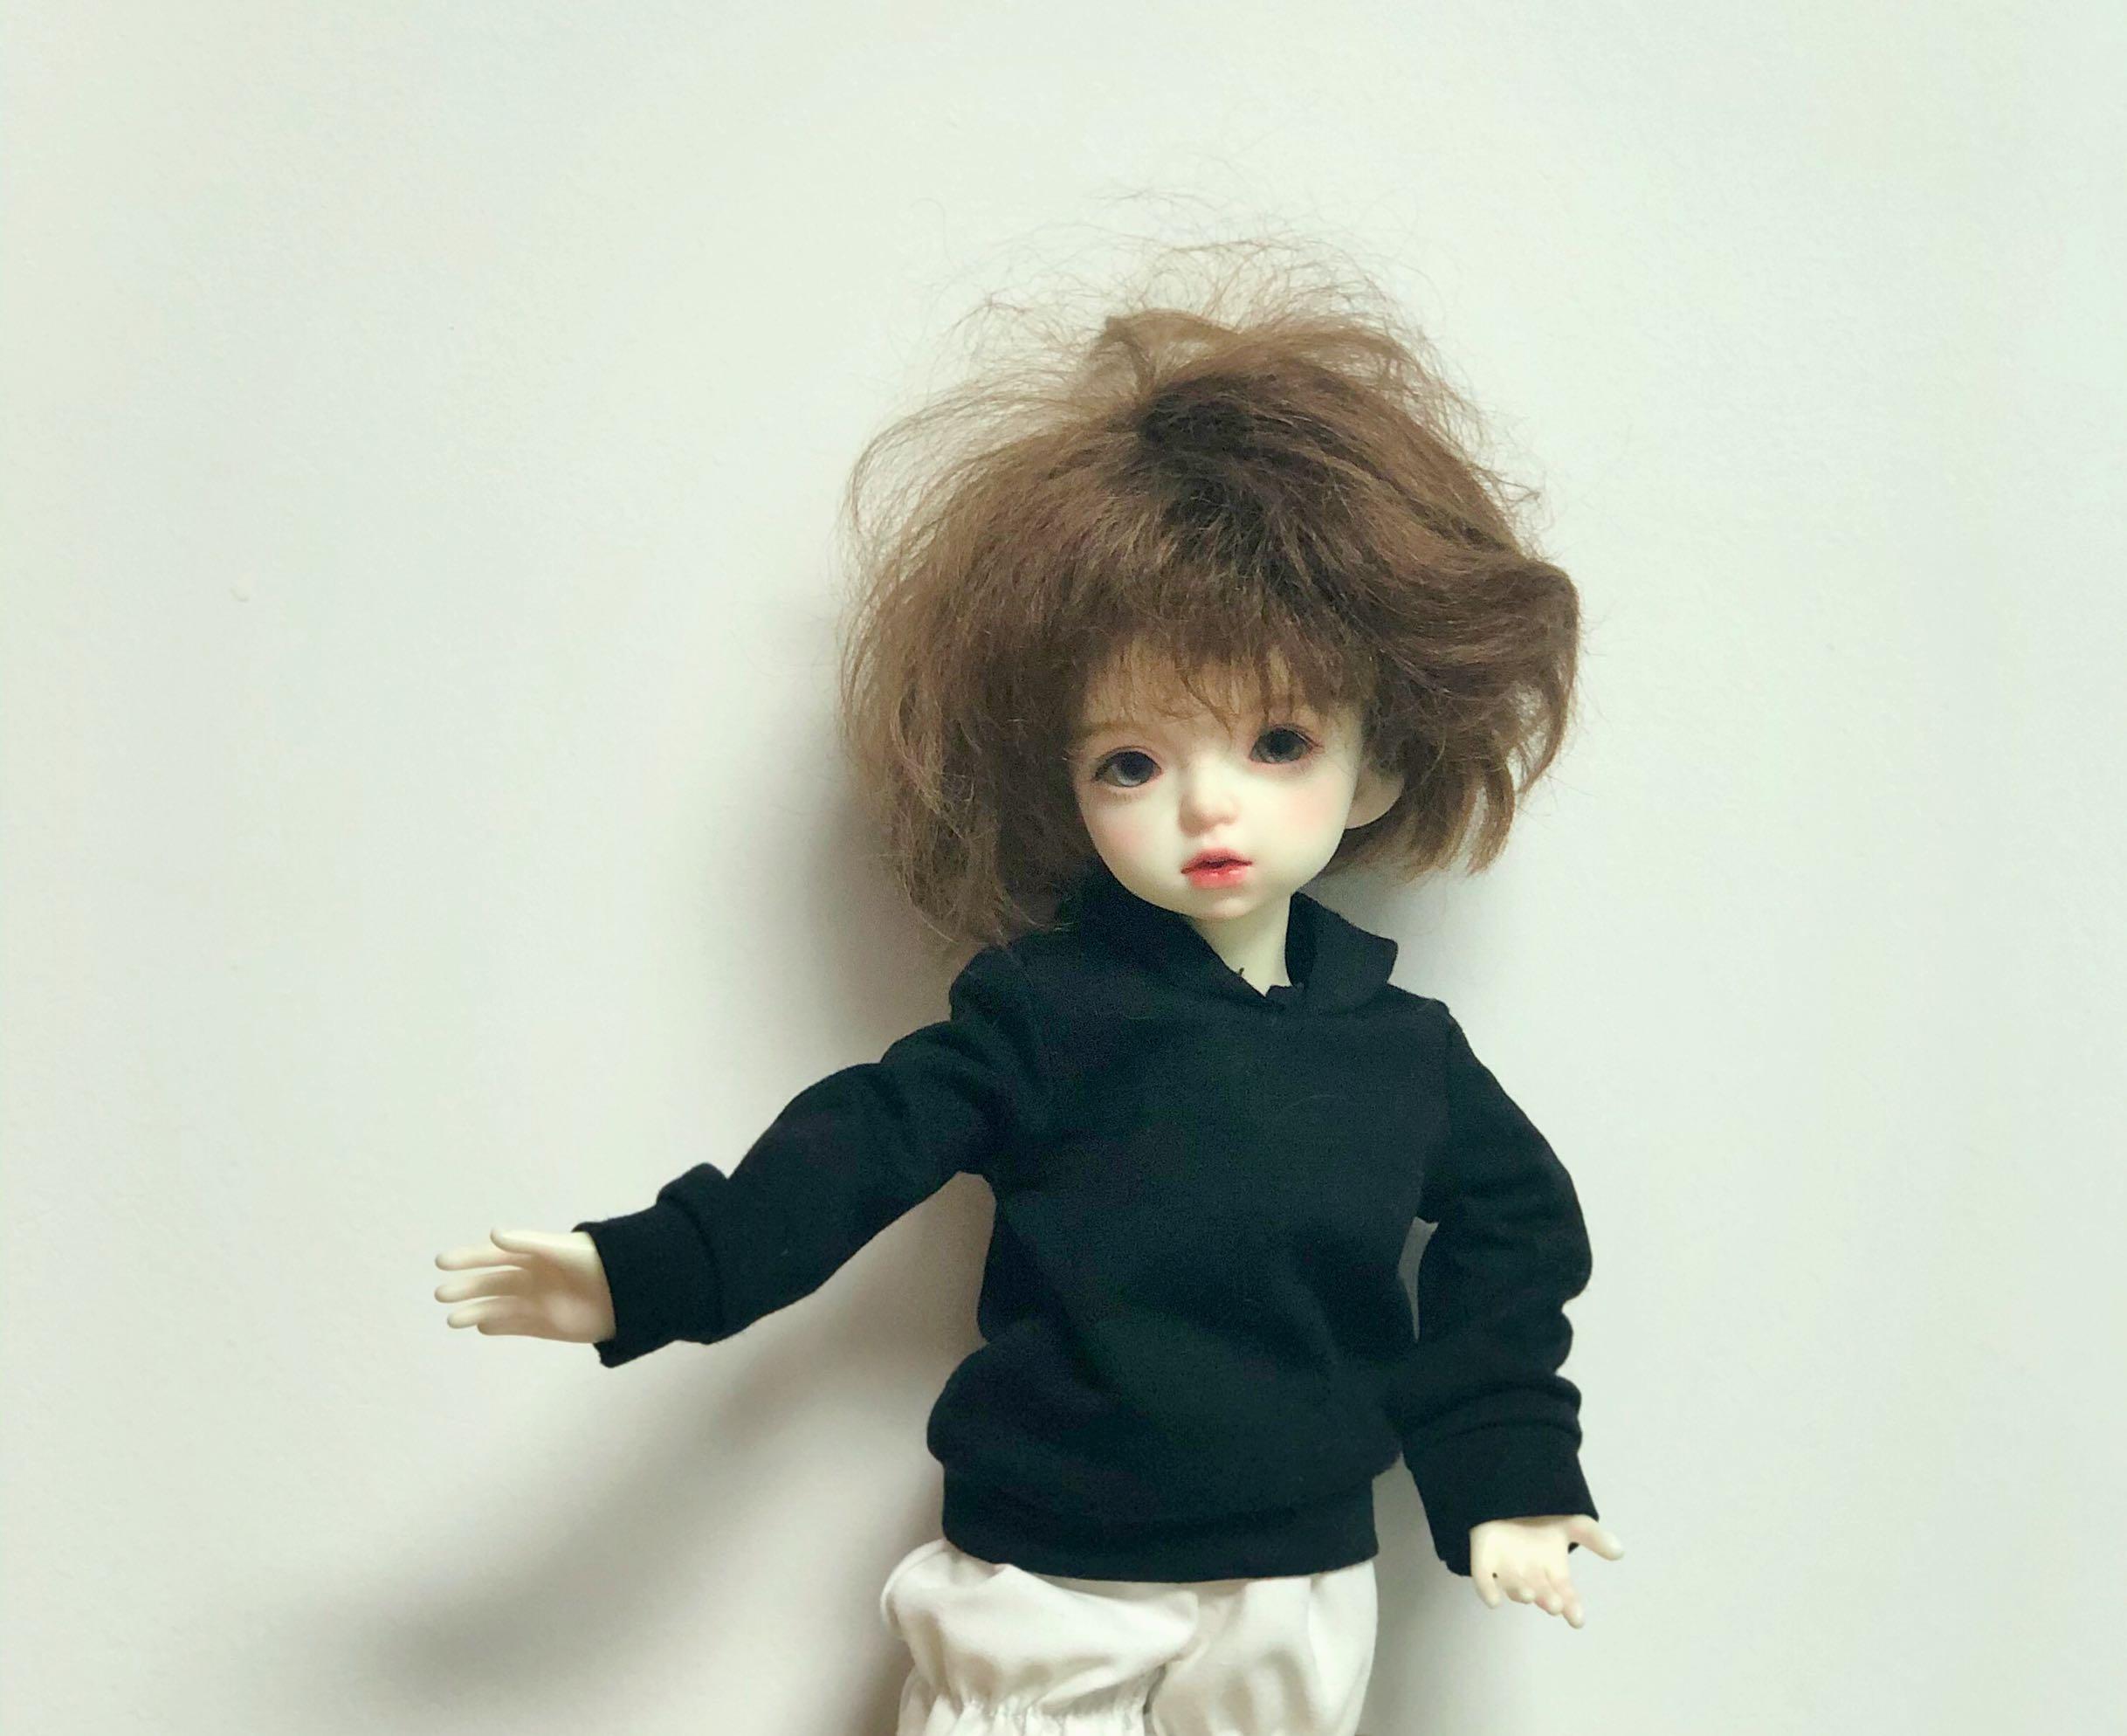 bjd 6分娃娃衣服 配件 T恤 带帽卫衣 现货针织衫上衣玩偶服饰 衣